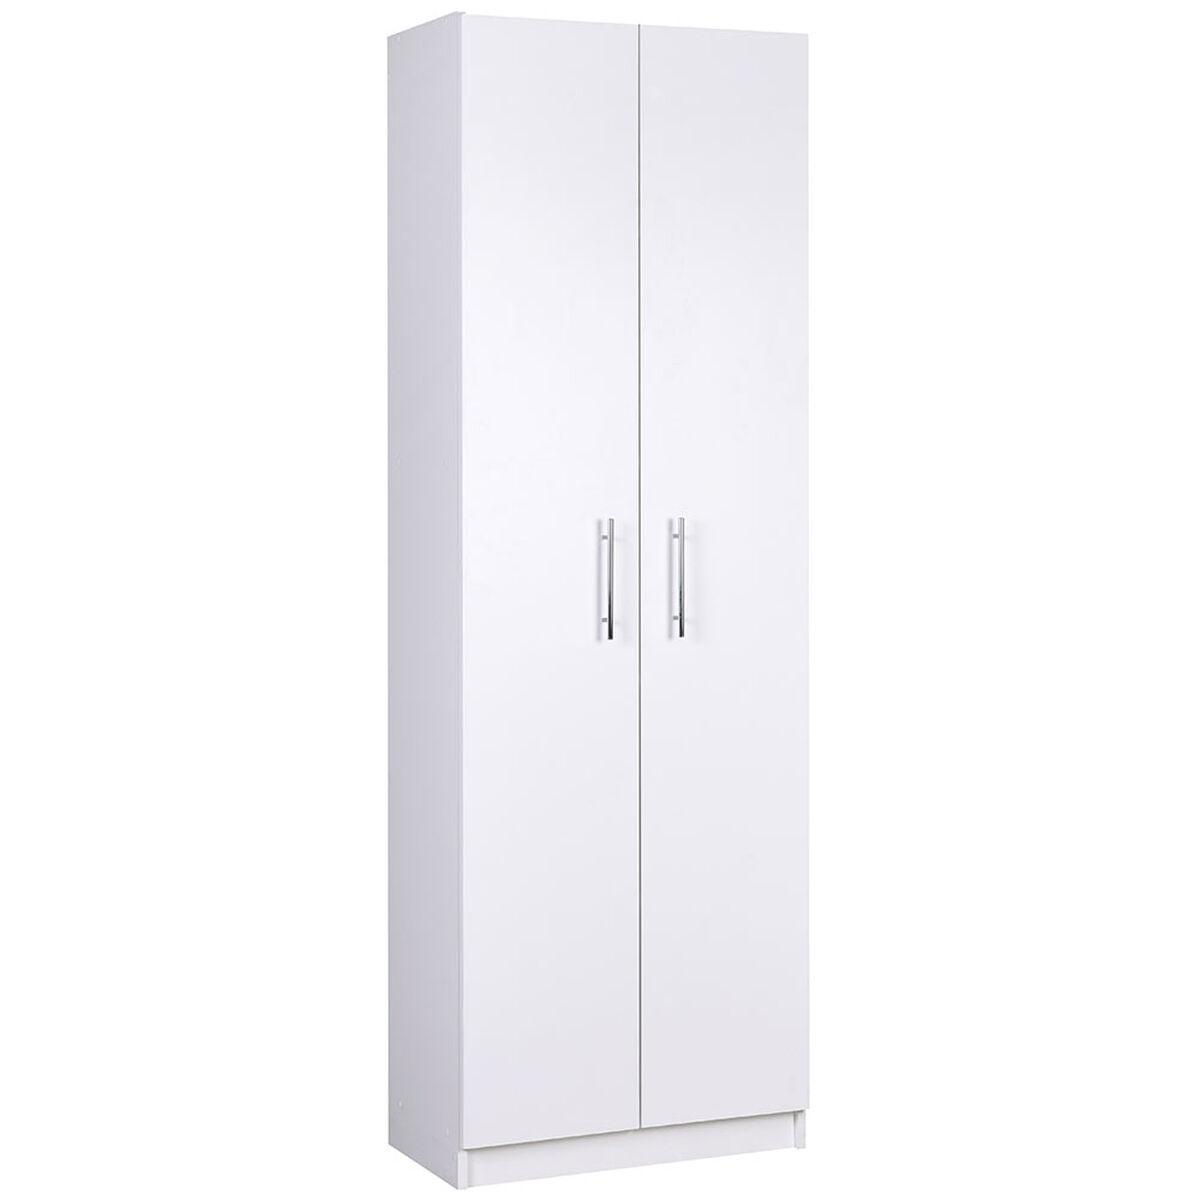 Mueble Organizador de Limpieza CIC 2 Puertas